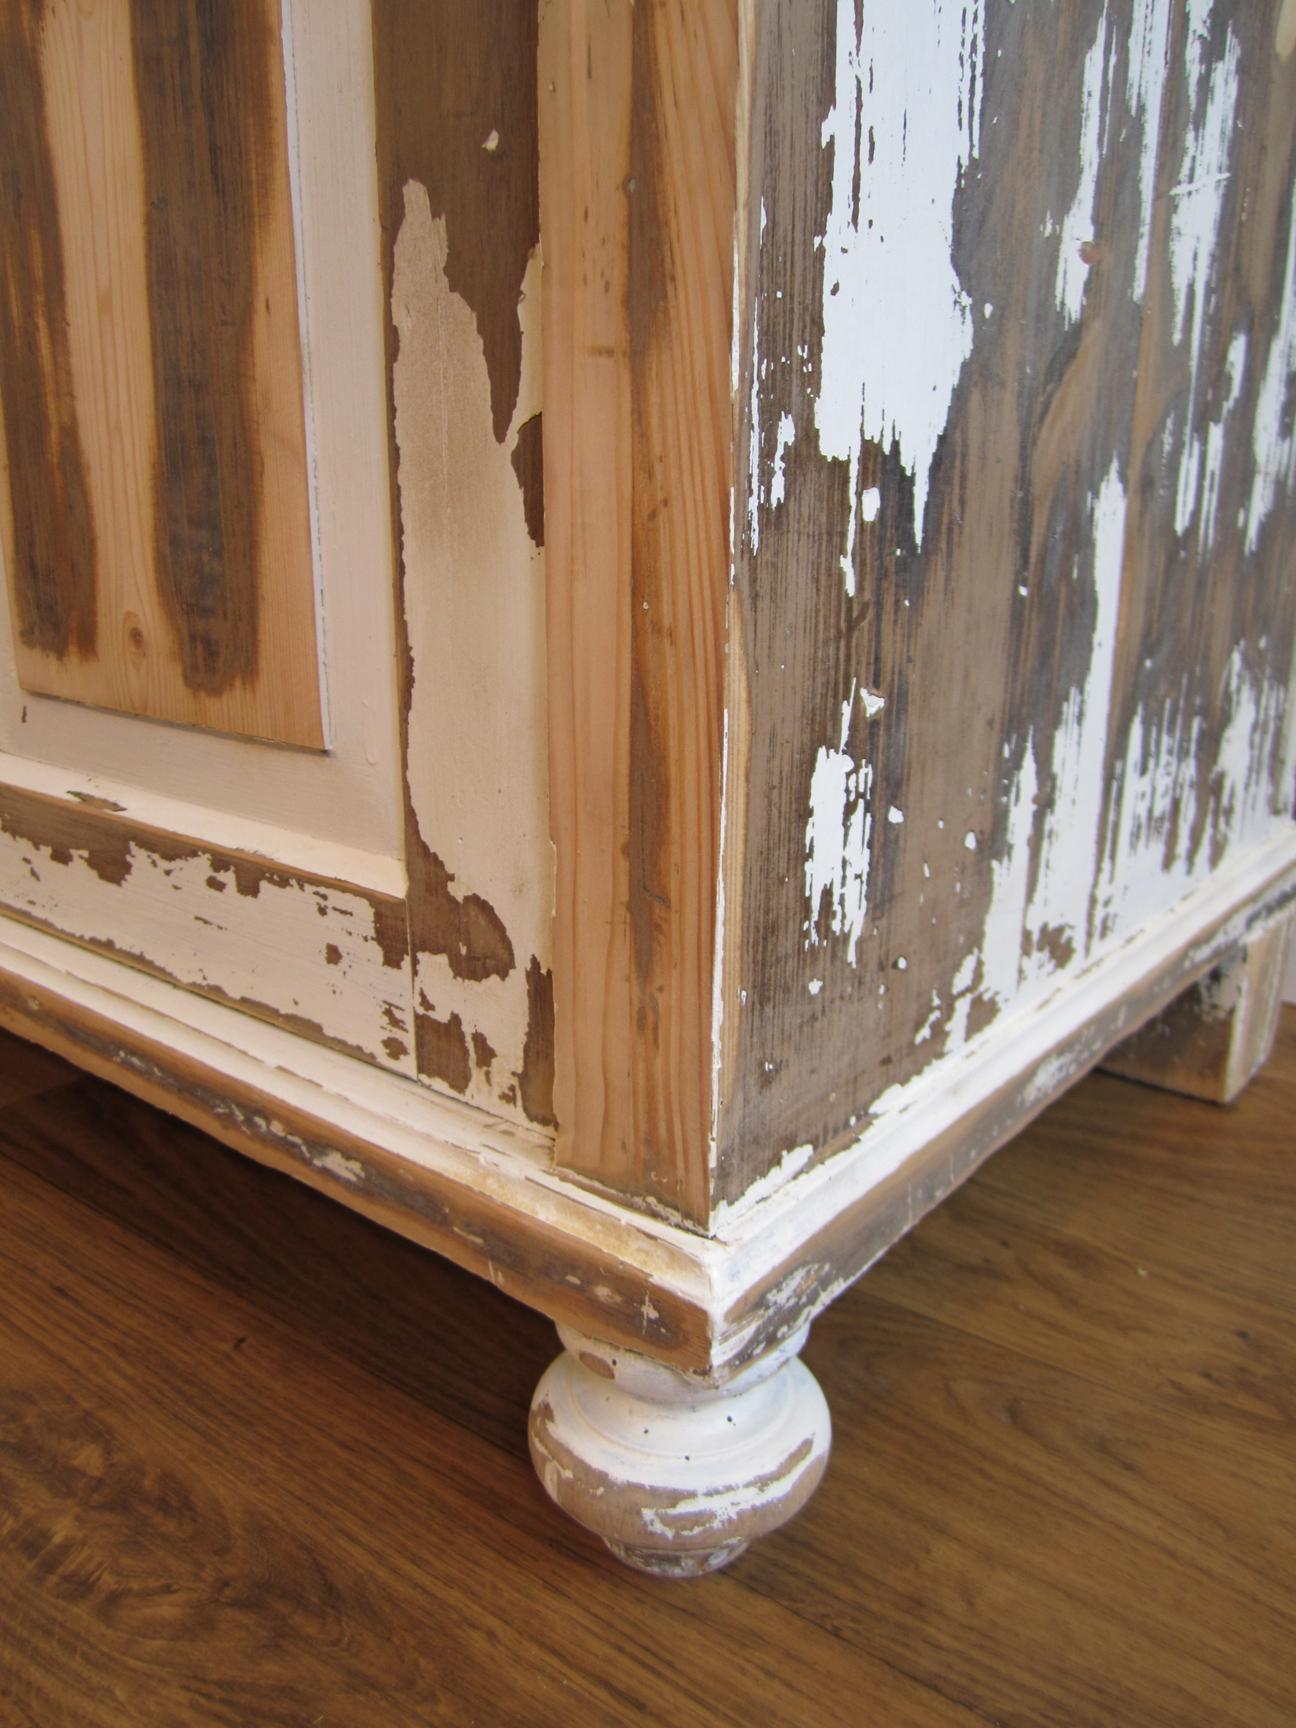 sch ner waschtisch shabby chic landhaus look mal l ssig und individuell. Black Bedroom Furniture Sets. Home Design Ideas